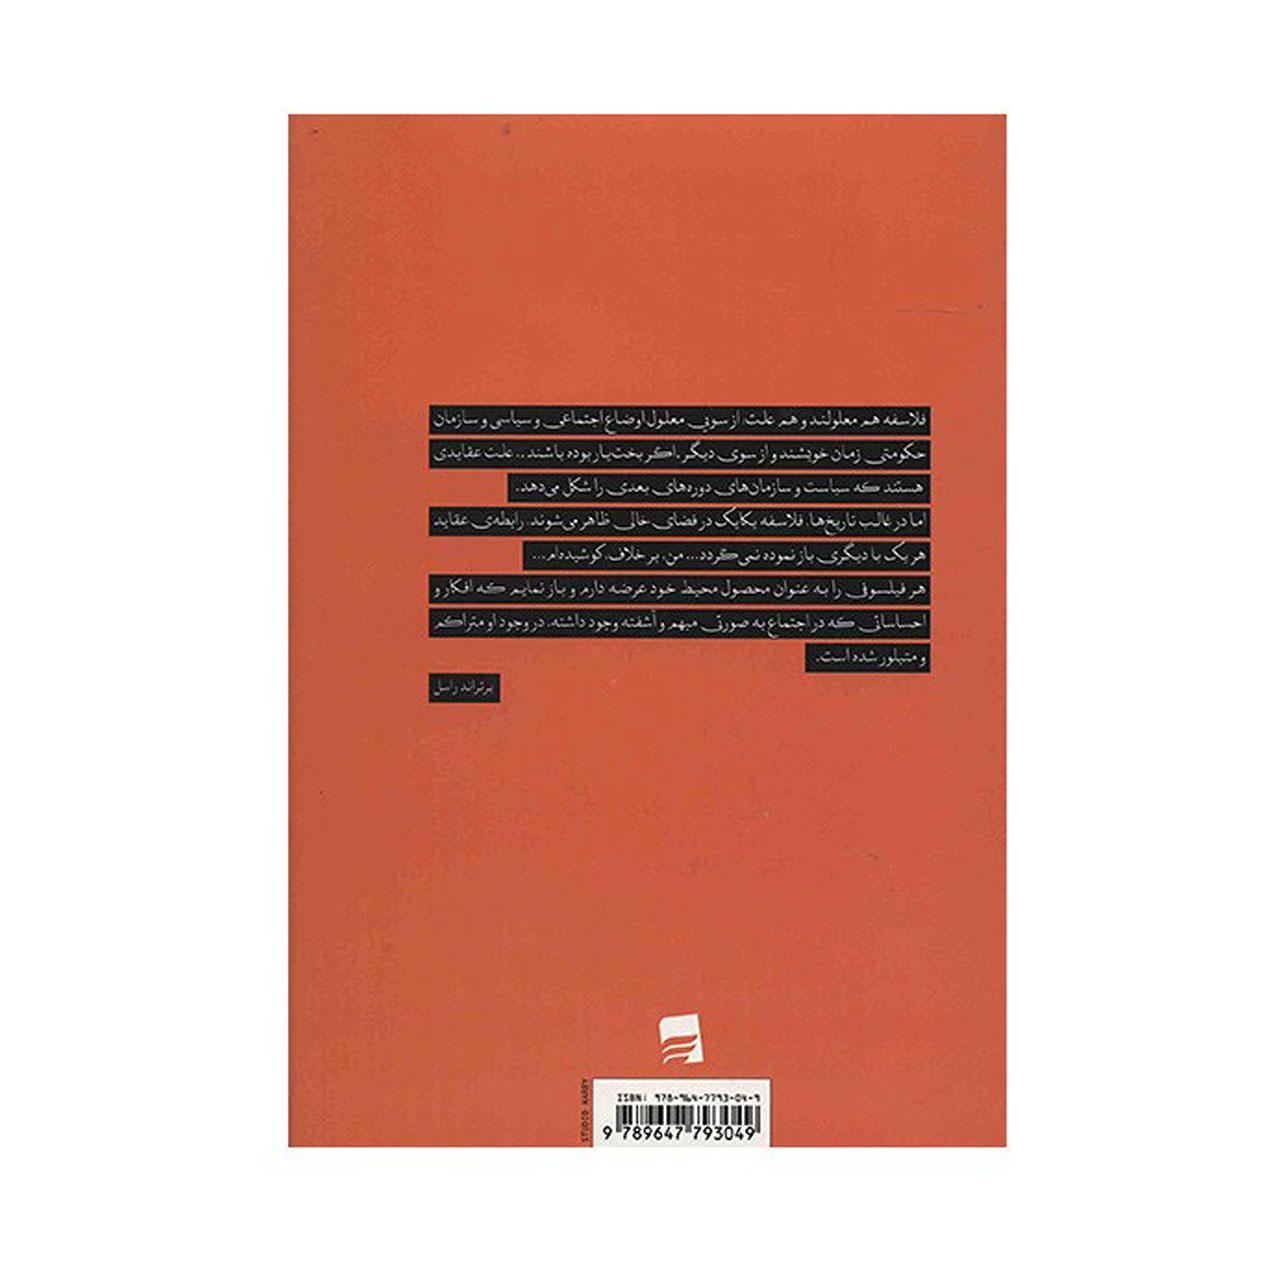 کتاب تاریخ فلسفه غرب اثر برتراند راسل